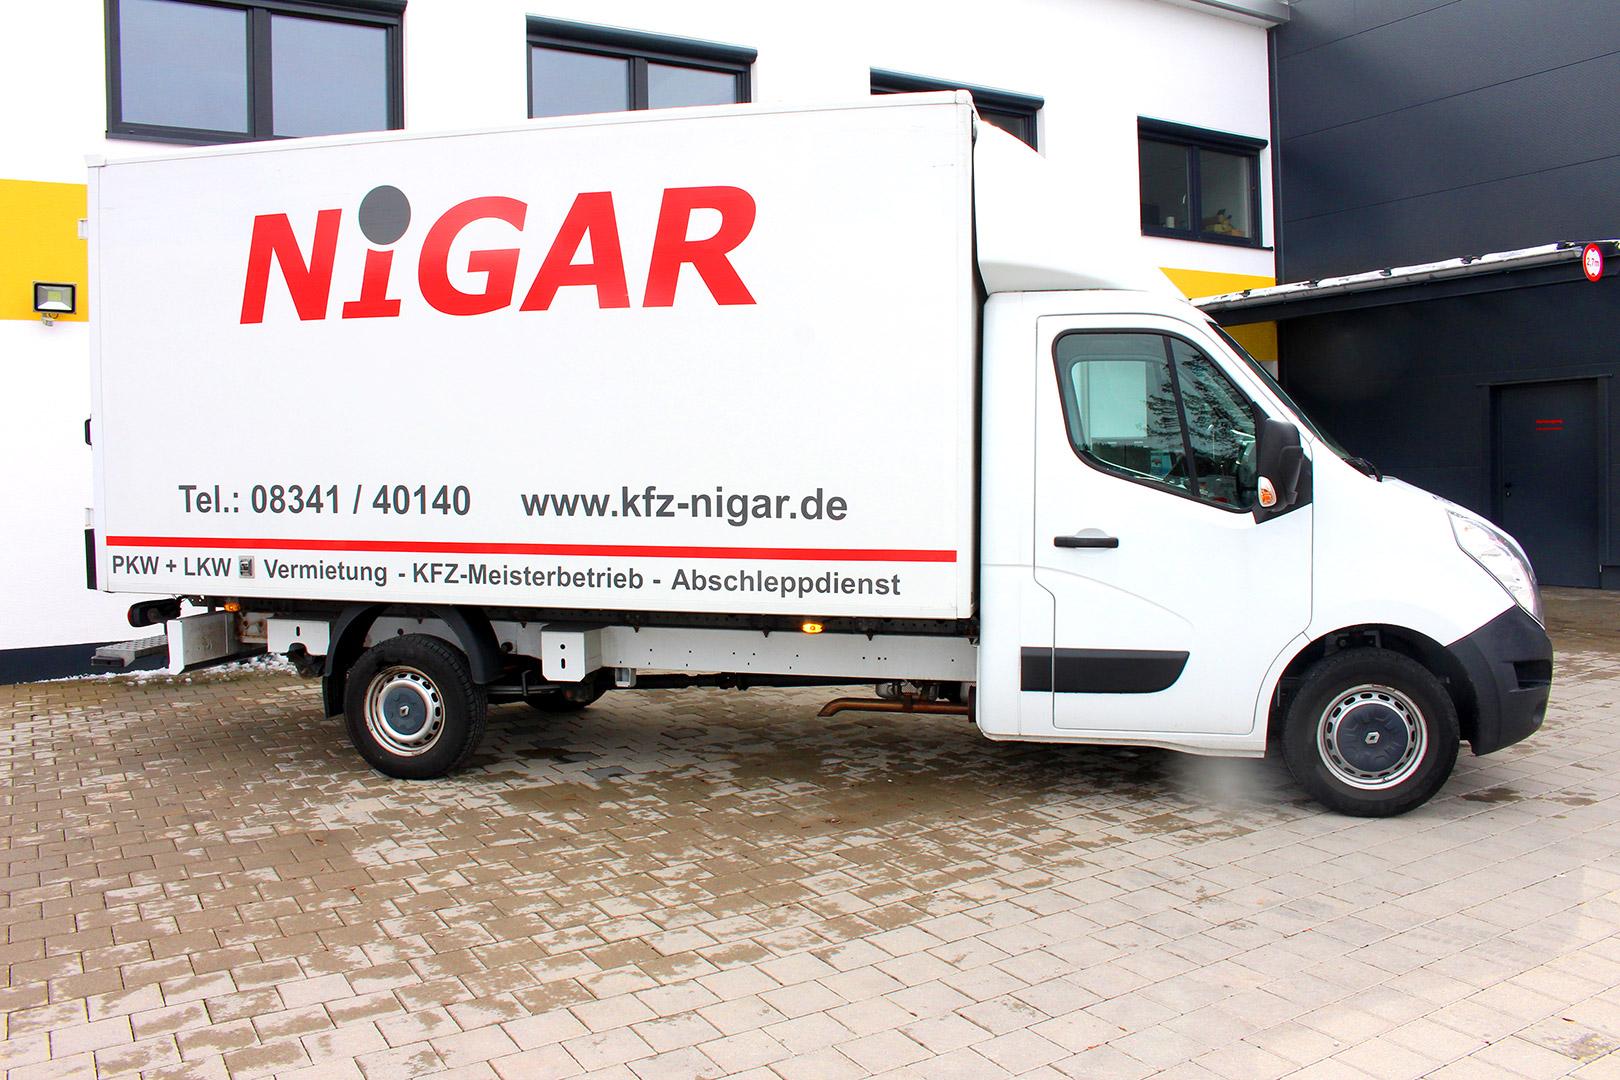 Vermietung_Kaufbeuren_Renault-Master-Koffer-001